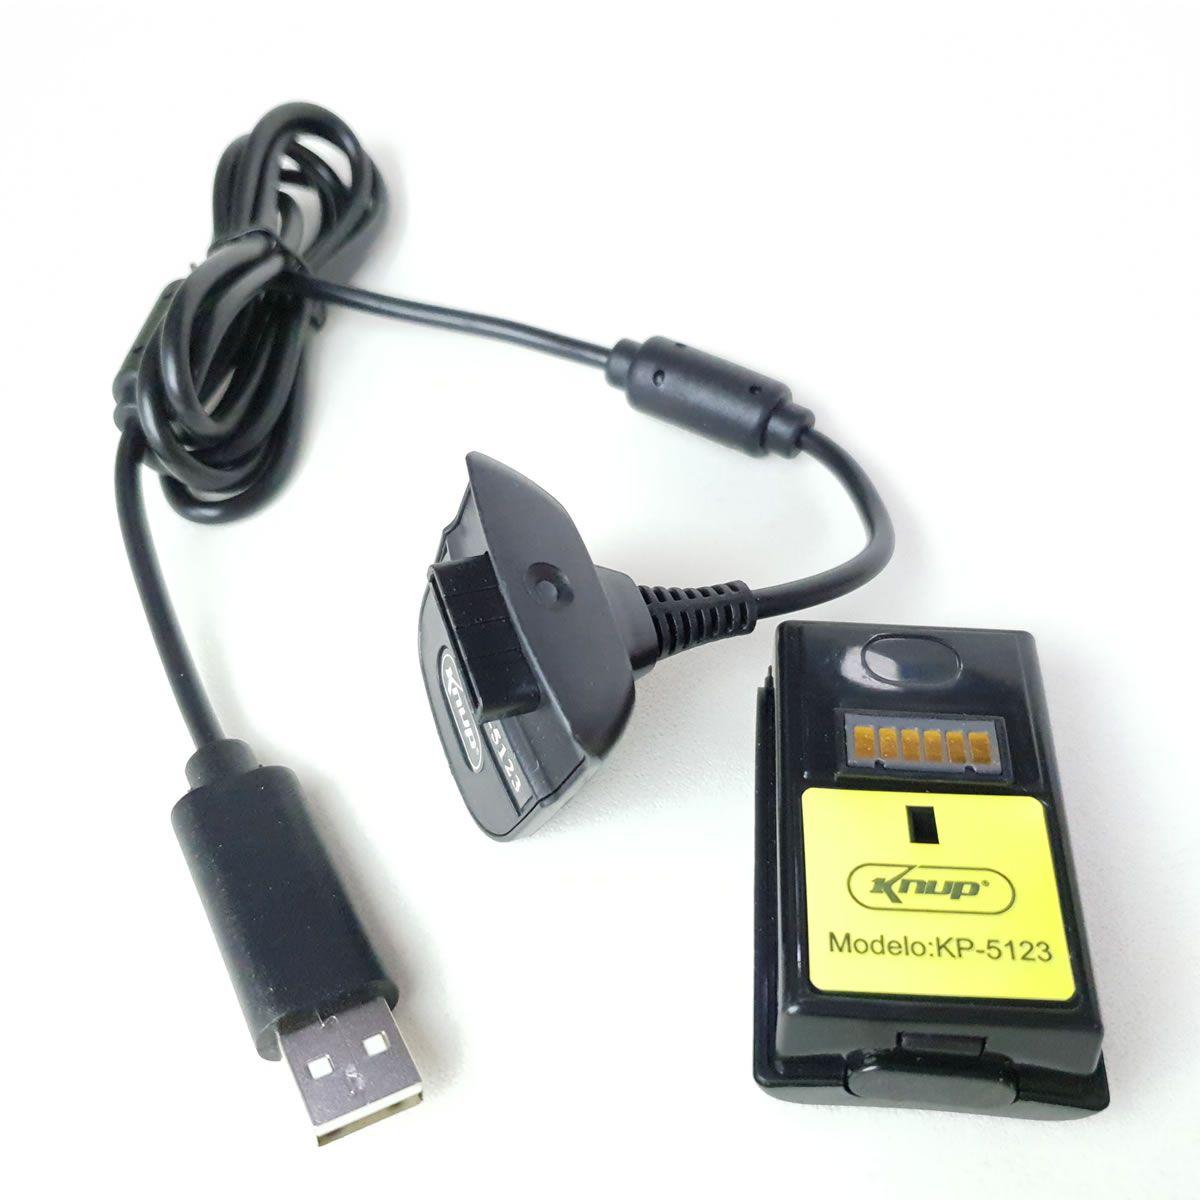 Kit Bateria Com Carregador Para Controle XBOX 360 Knup KP-5123